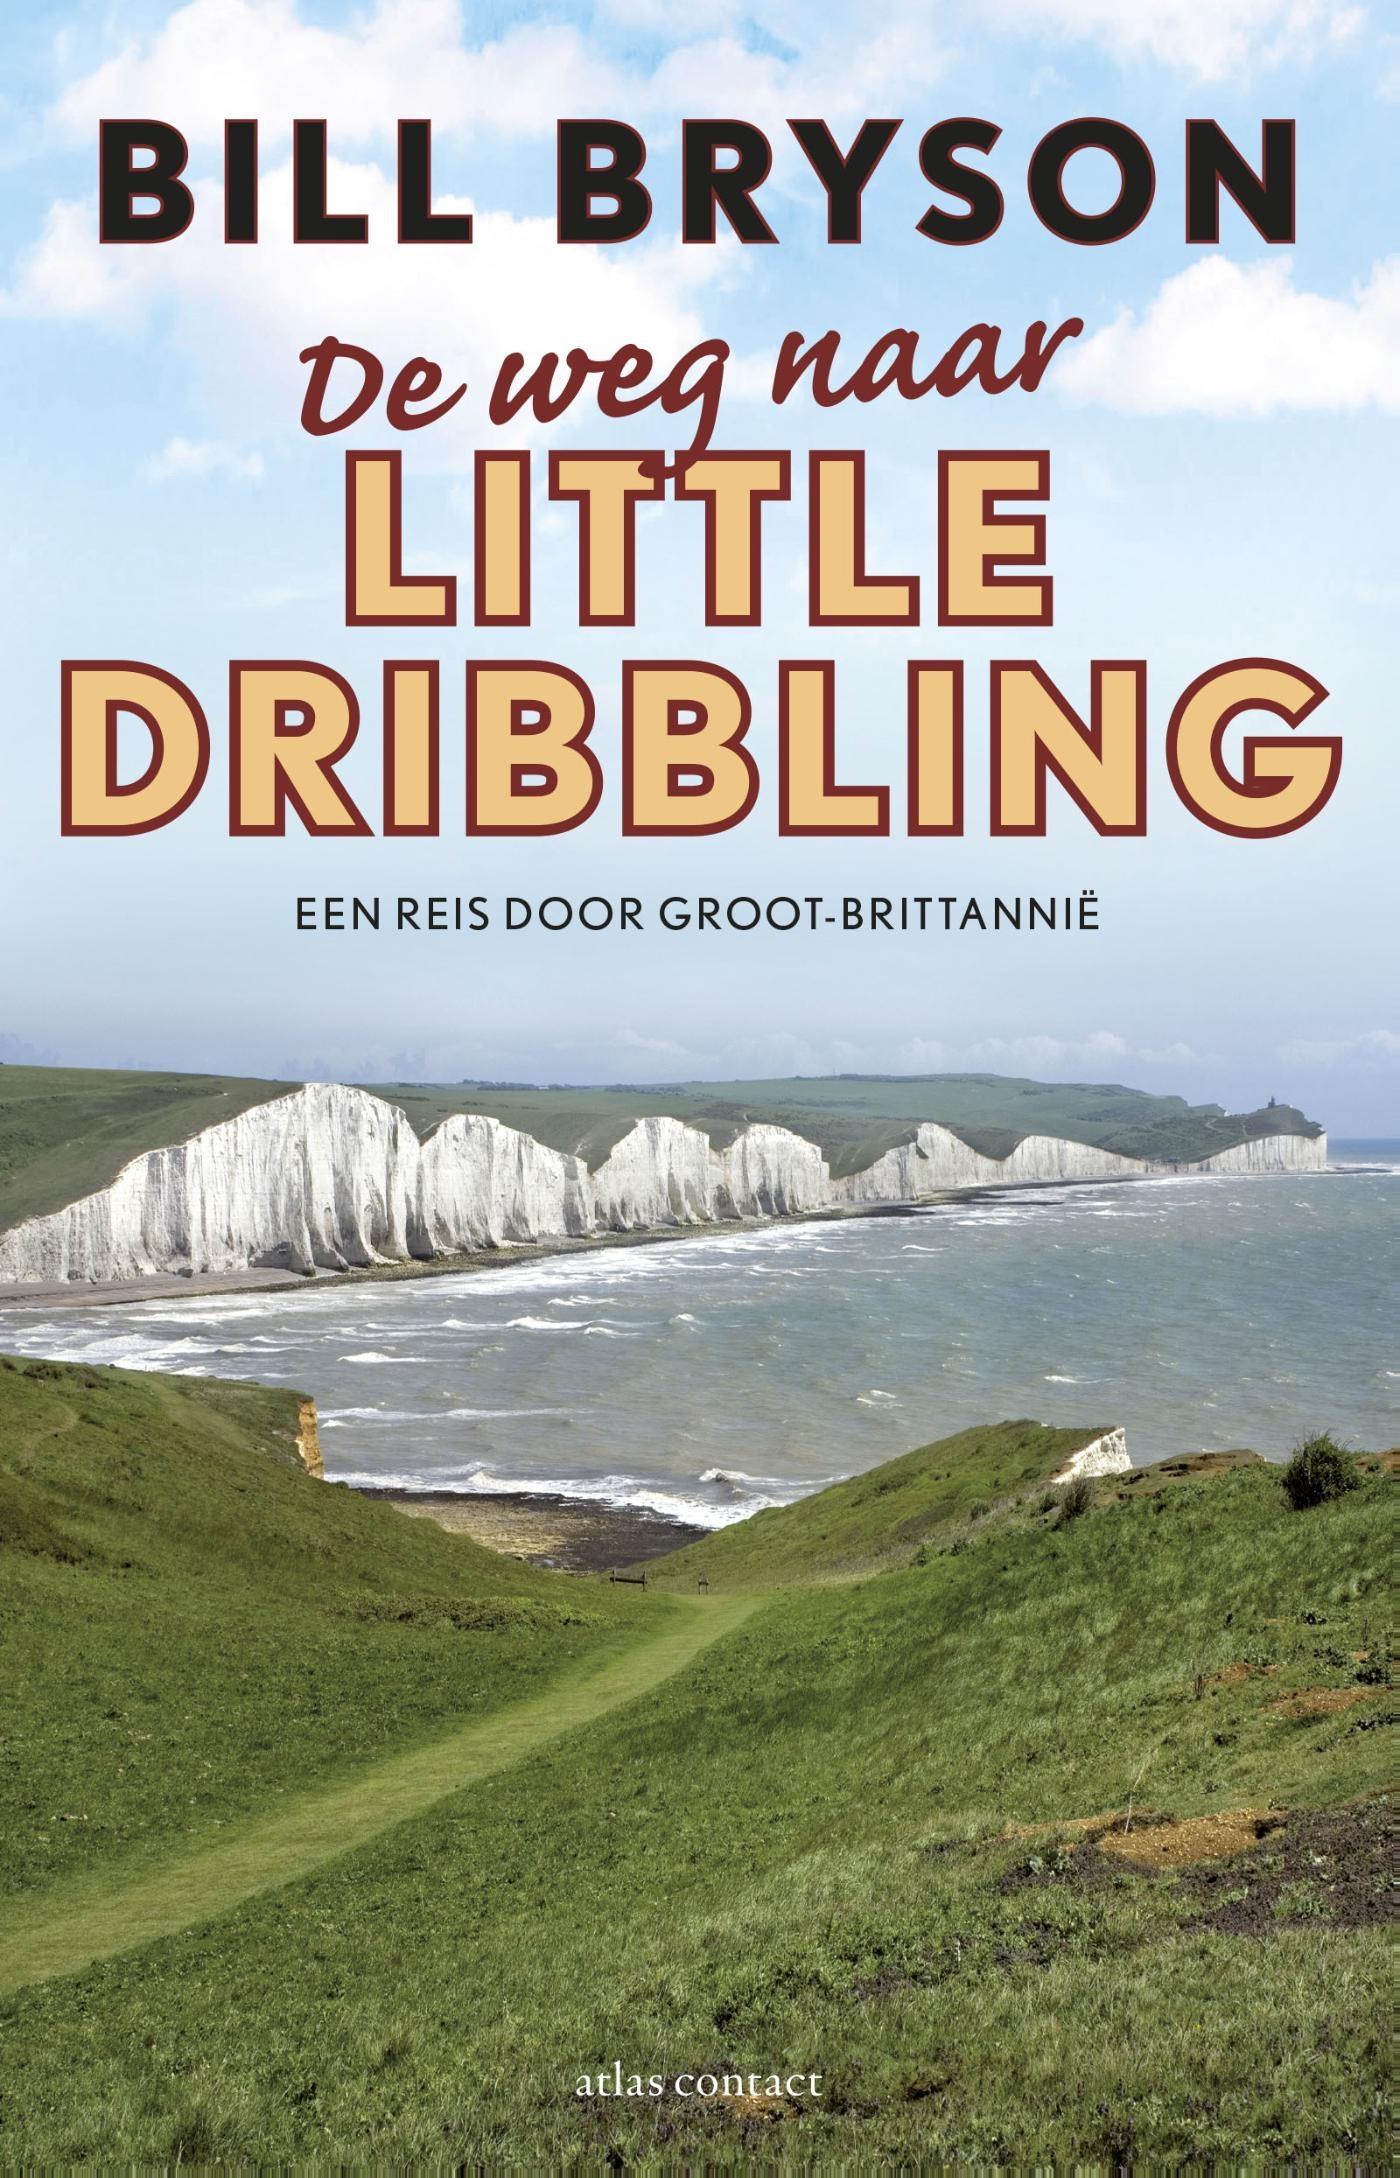 De weg naar Little Dribbling - boekrecensie